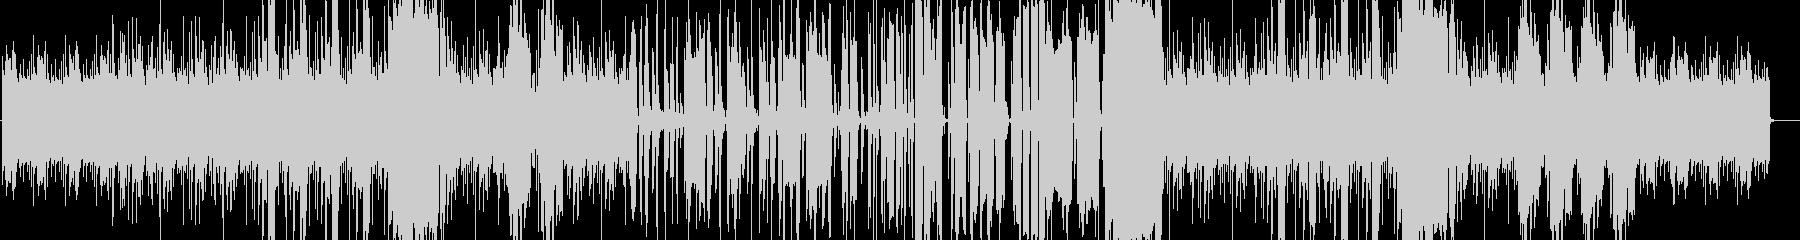 生サックスでベースが疾走するfunkの未再生の波形